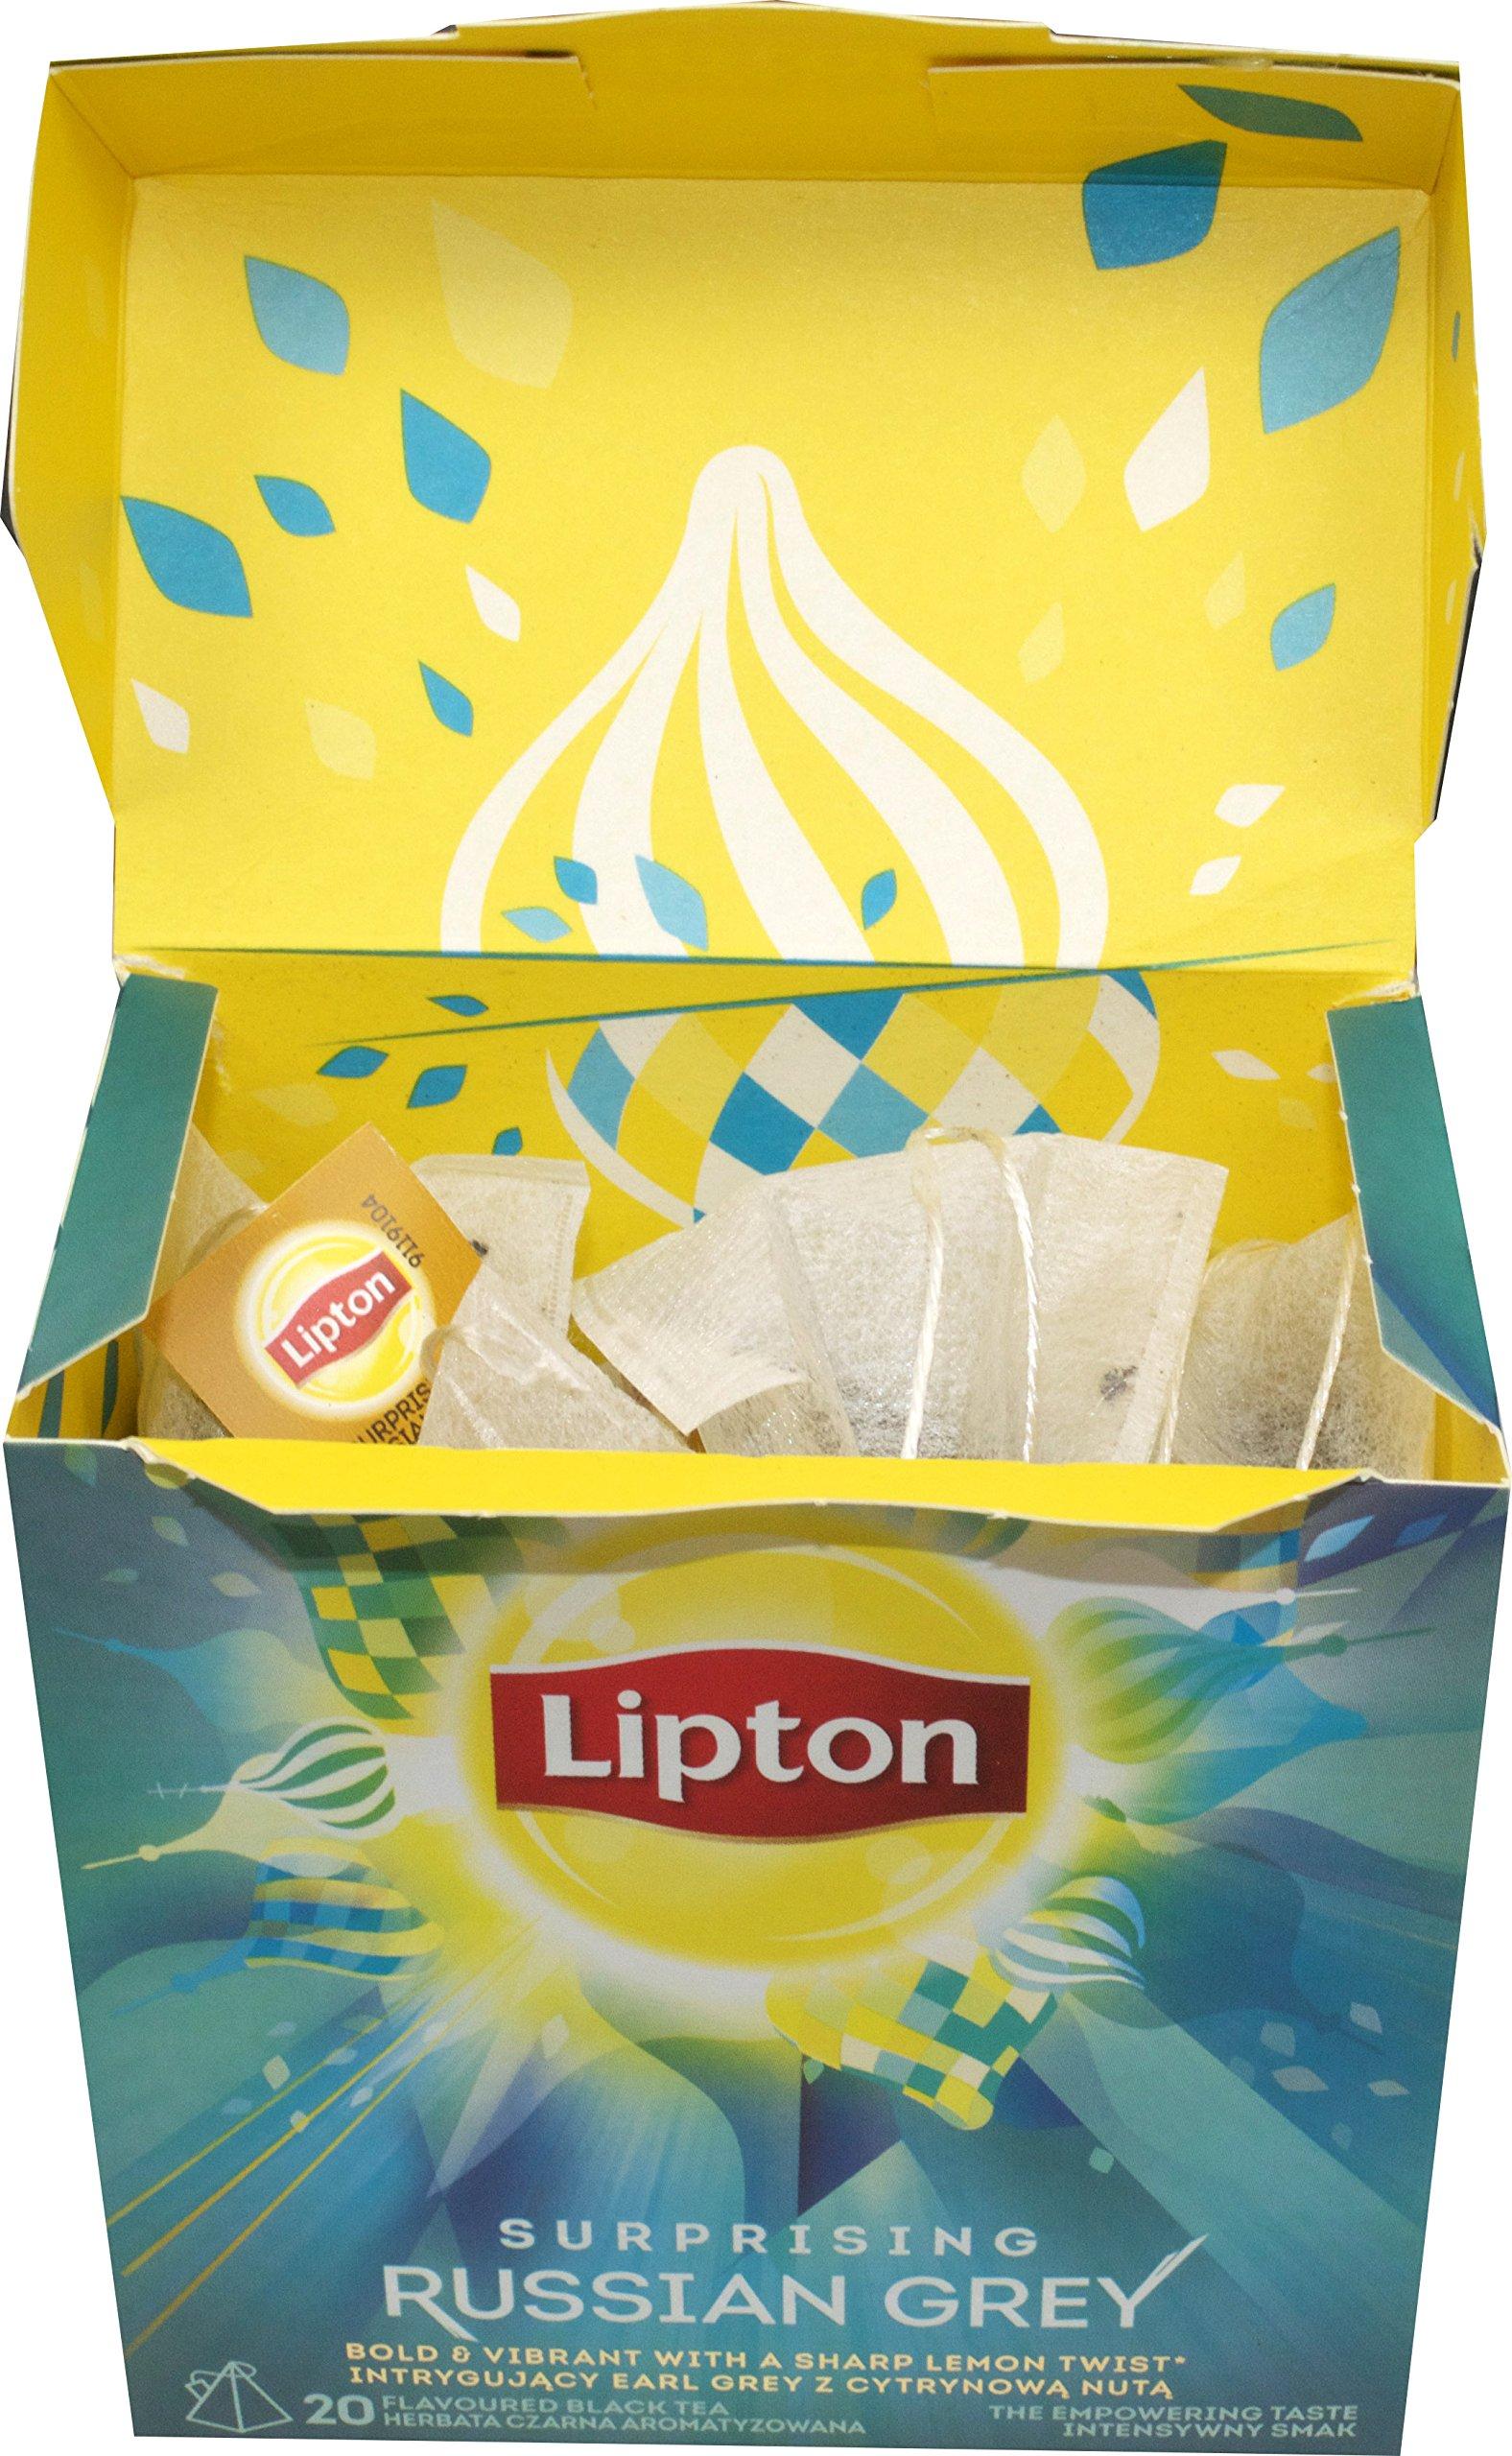 Lipton-Russian-Grey-Tea-Aromatisierter-Schwarztee-3-x-20-Pyramiden-Teebeutel